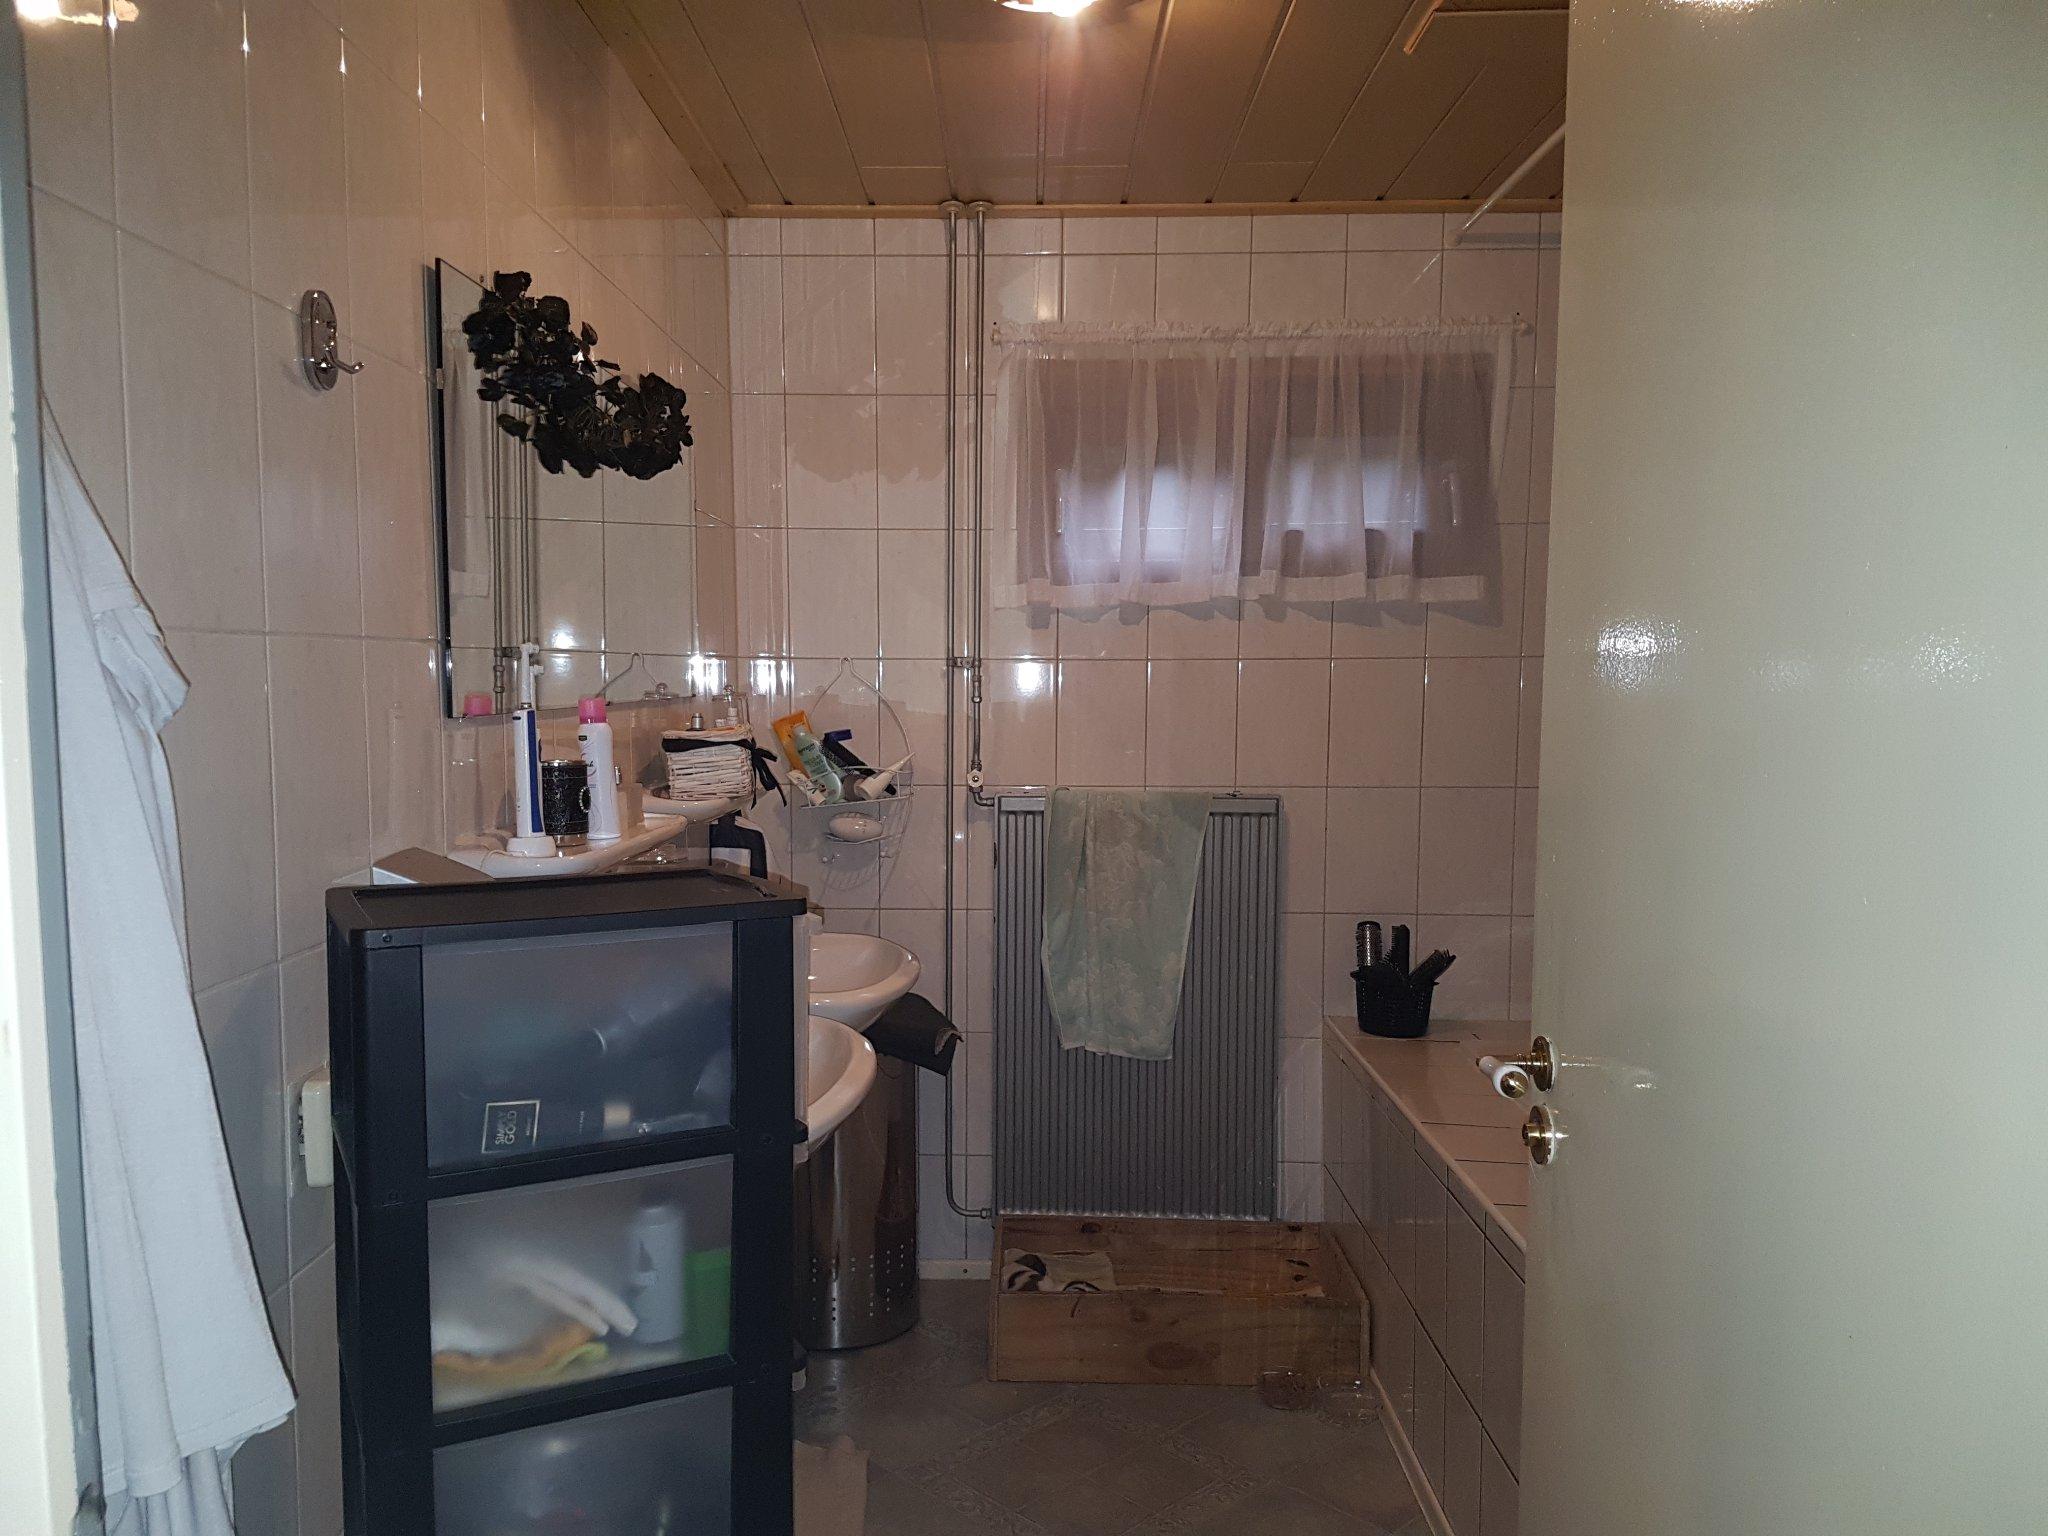 Kleine Badkamer Renovatie : Kleine badkamer renovatie werkspot